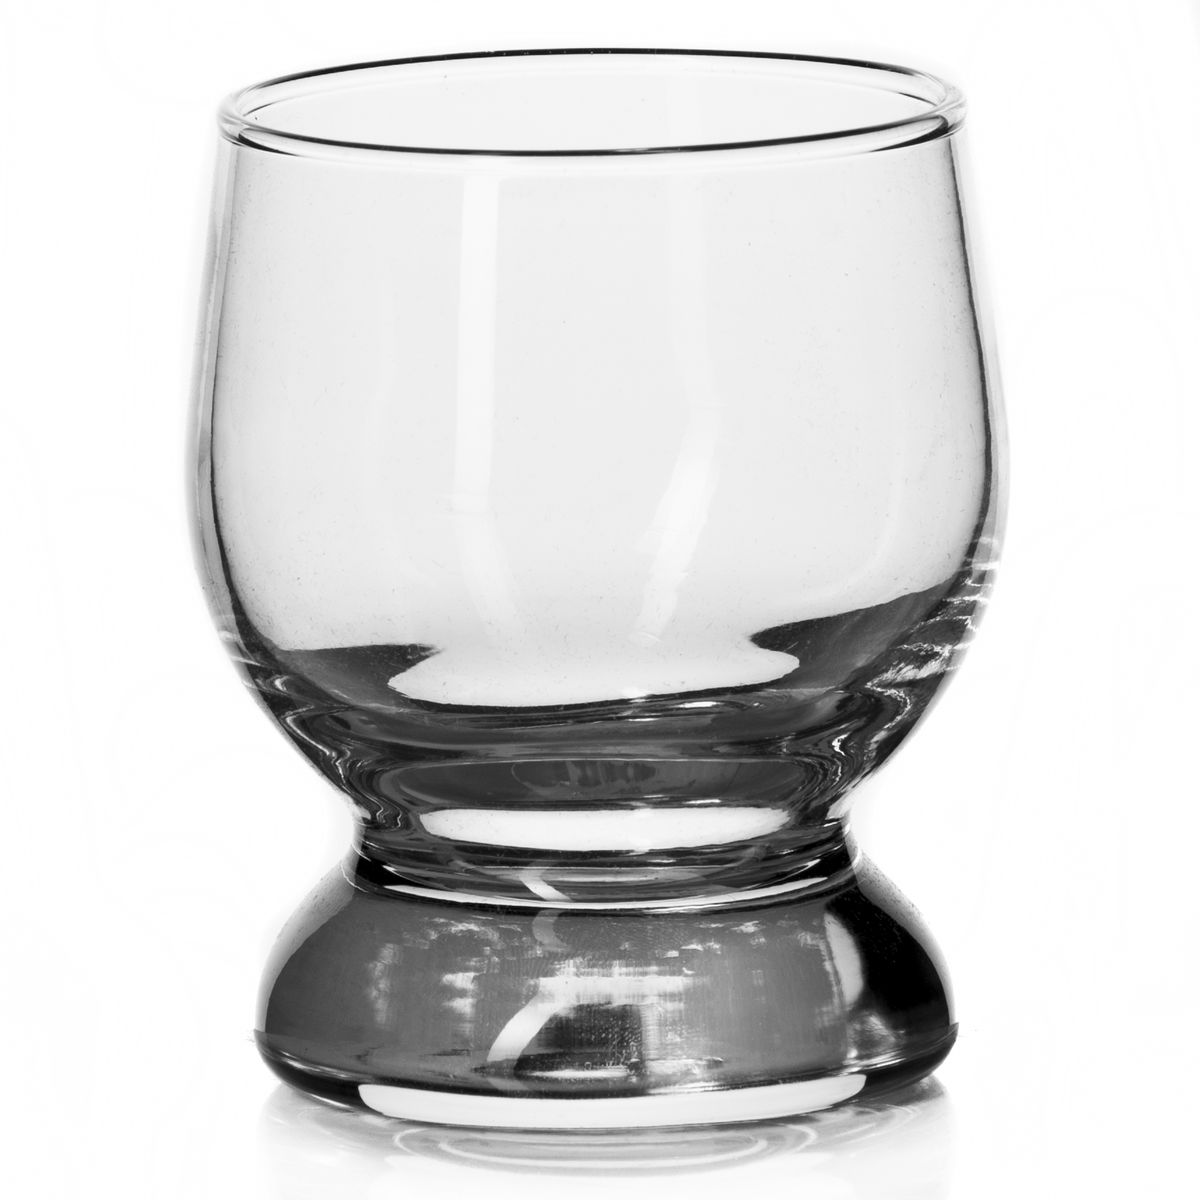 Набор стаканов Pasabahce Aquatic, 222 мл, 6 шт42973BНабор Pasabahce Aquatic, состоящий из шести низких стаканов, несомненно, придется вам по душе. Стаканы предназначены для подачи сока, воды и других напитков. Они изготовлены из прочного высококачественного прозрачного натрий-кальций-силикатного стекла и имеют толстое дно. Стаканы сочетают в себе элегантный дизайн и функциональность. Благодаря такому набору пить напитки будет еще вкуснее.Набор стаканов Pasabahce Aquatic идеально подойдет для сервировки стола и станет отличным подарком к любому празднику.Можно использовать в холодильной камере, микроволновой печи и мыть в посудомоечной машине.Диаметр стакана по верхнему краю: 6,8 см. Диаметр дна: 6,4 см.Высота стакана: 9,2 см.